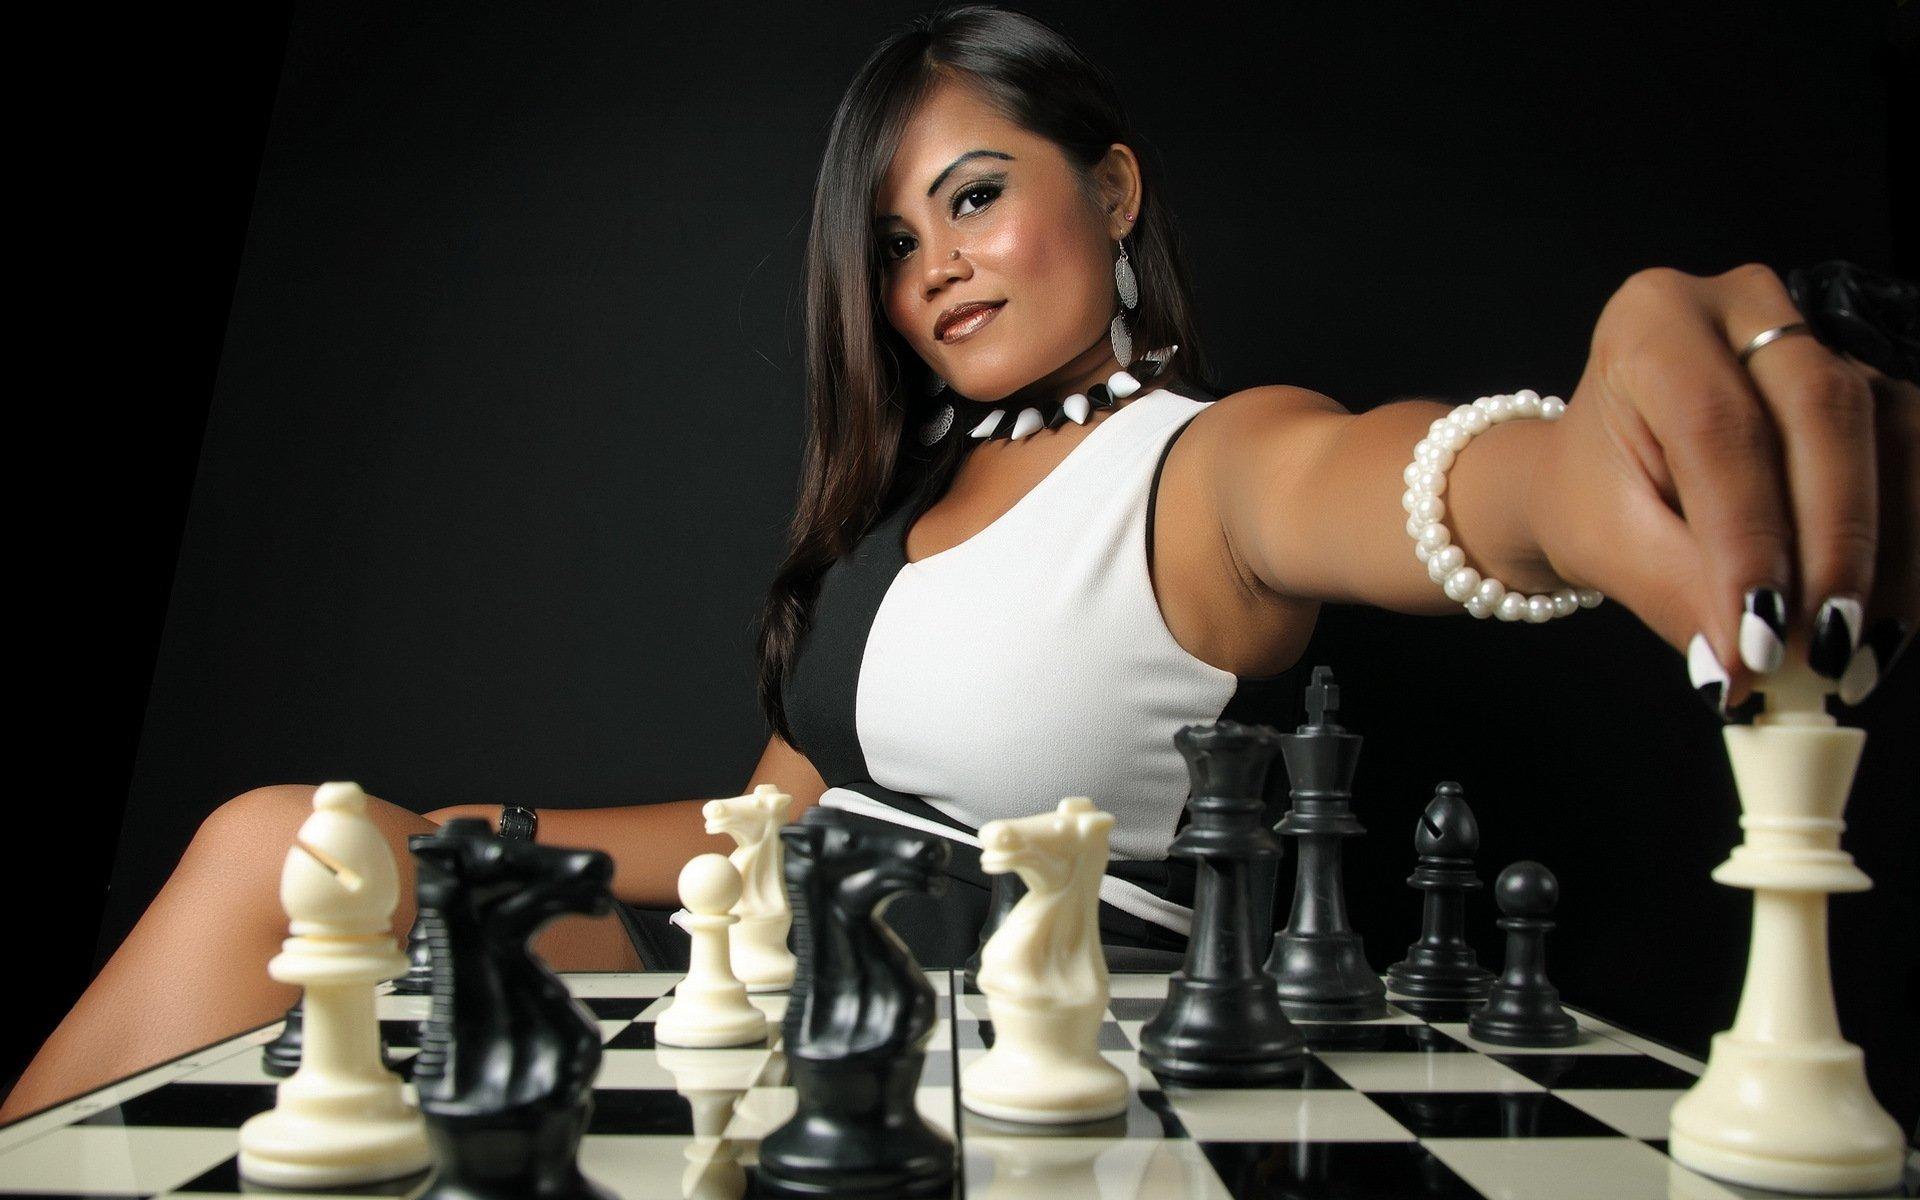 Women, Model, Brunette, Long Hair, Asian, Black, White, Chess, Board Games, Pawns Hd -3451